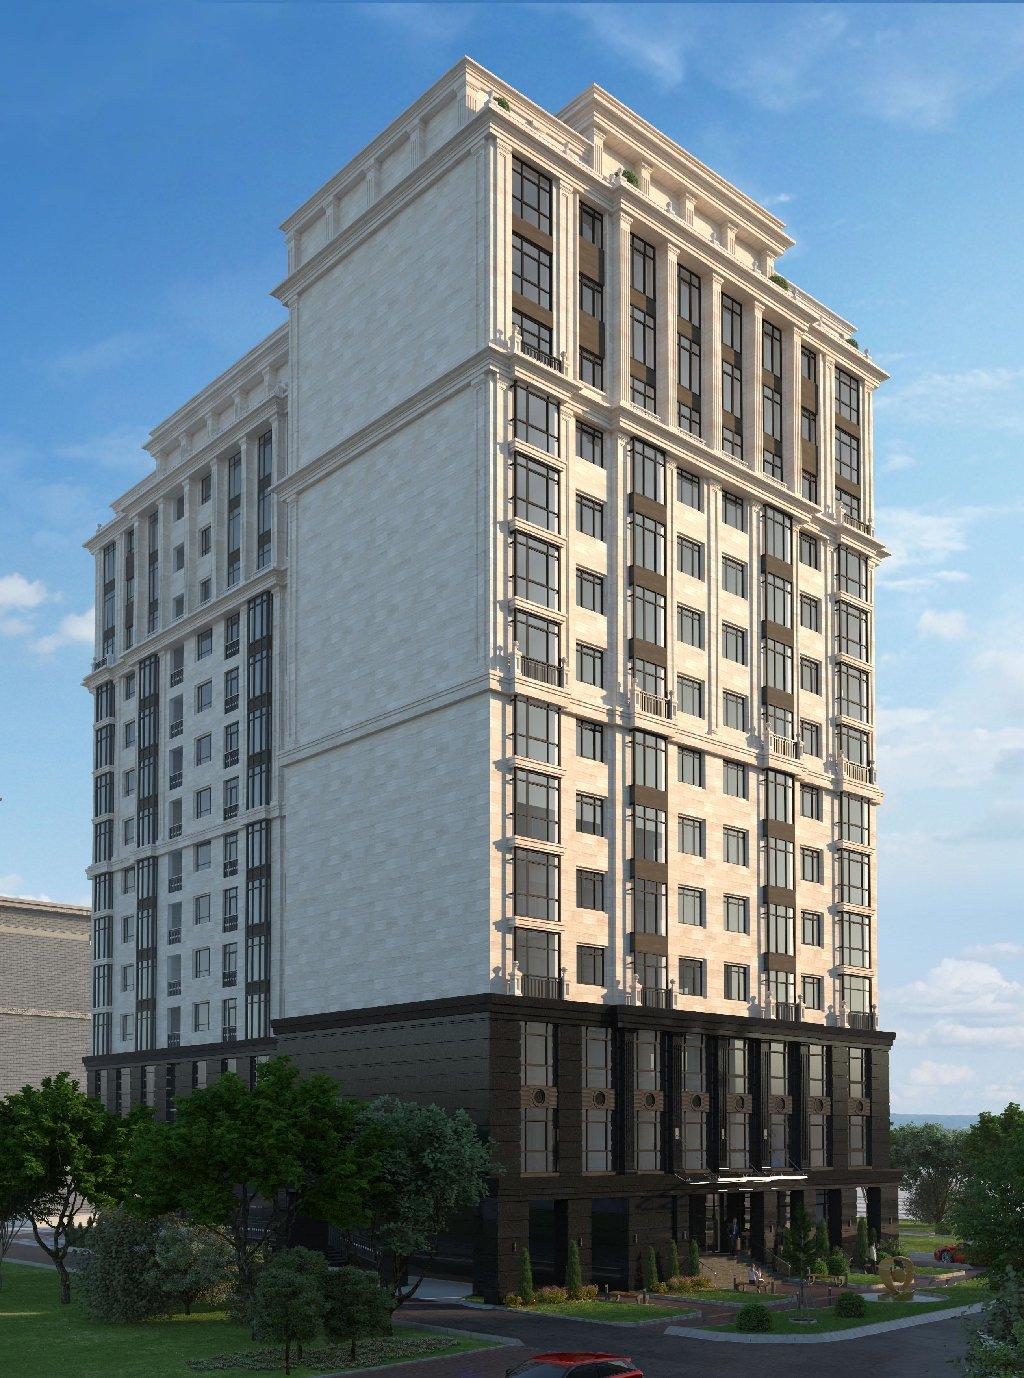 14 этажный жилой дом бизнес класса *SUNRISE* по адресу ул